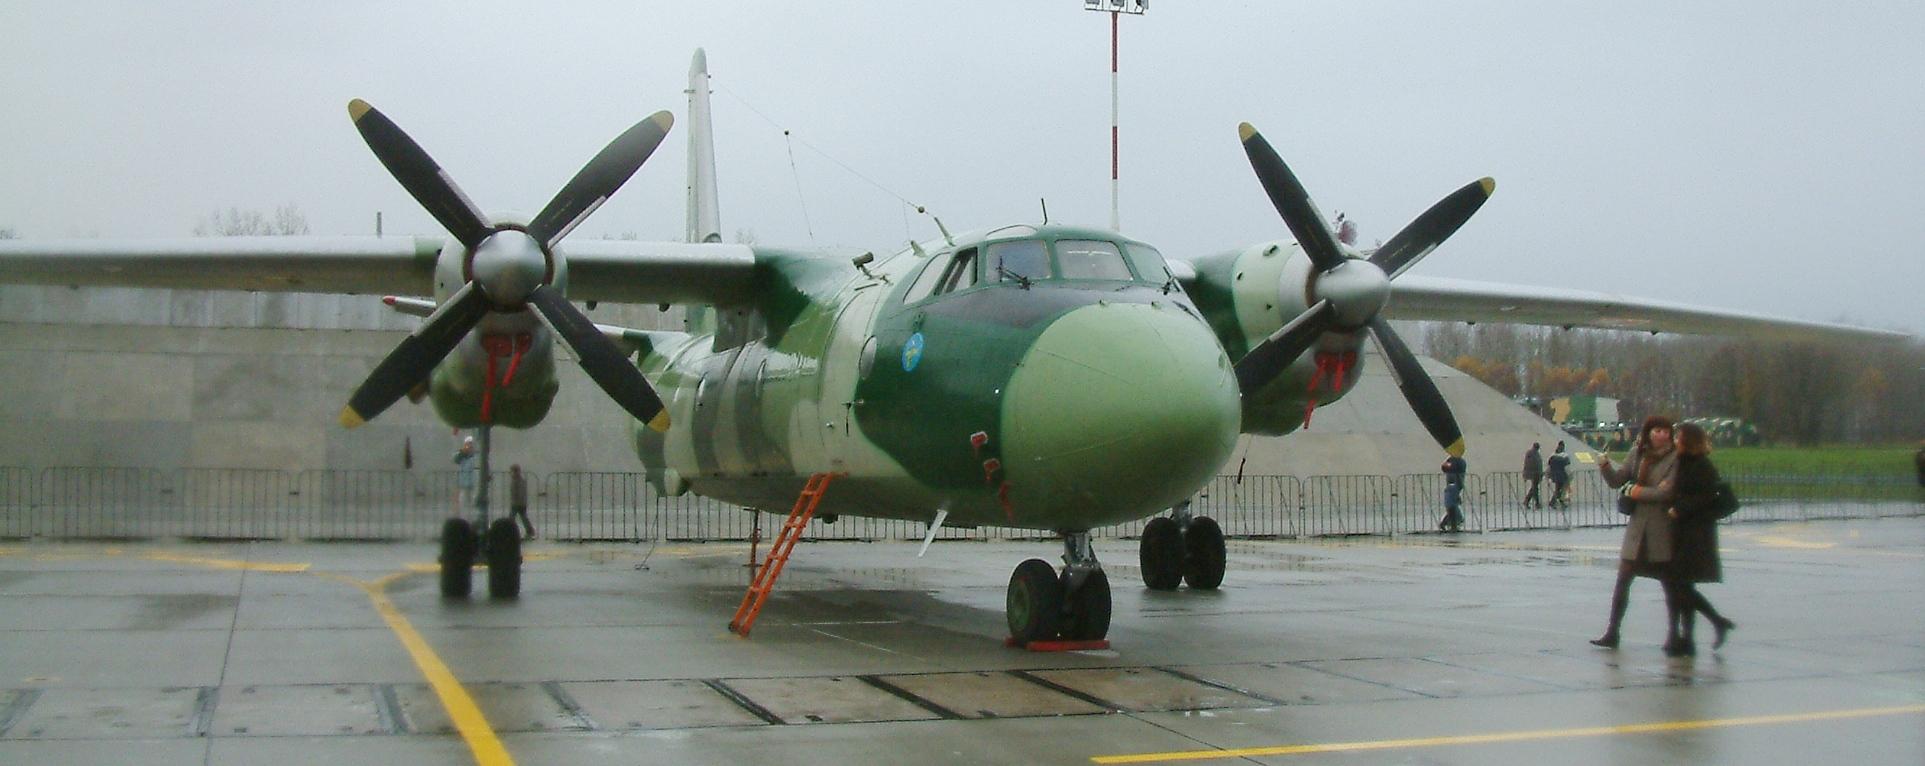 File:Antonov An-26 (Polish AF) Krzesiny 142RB jpg